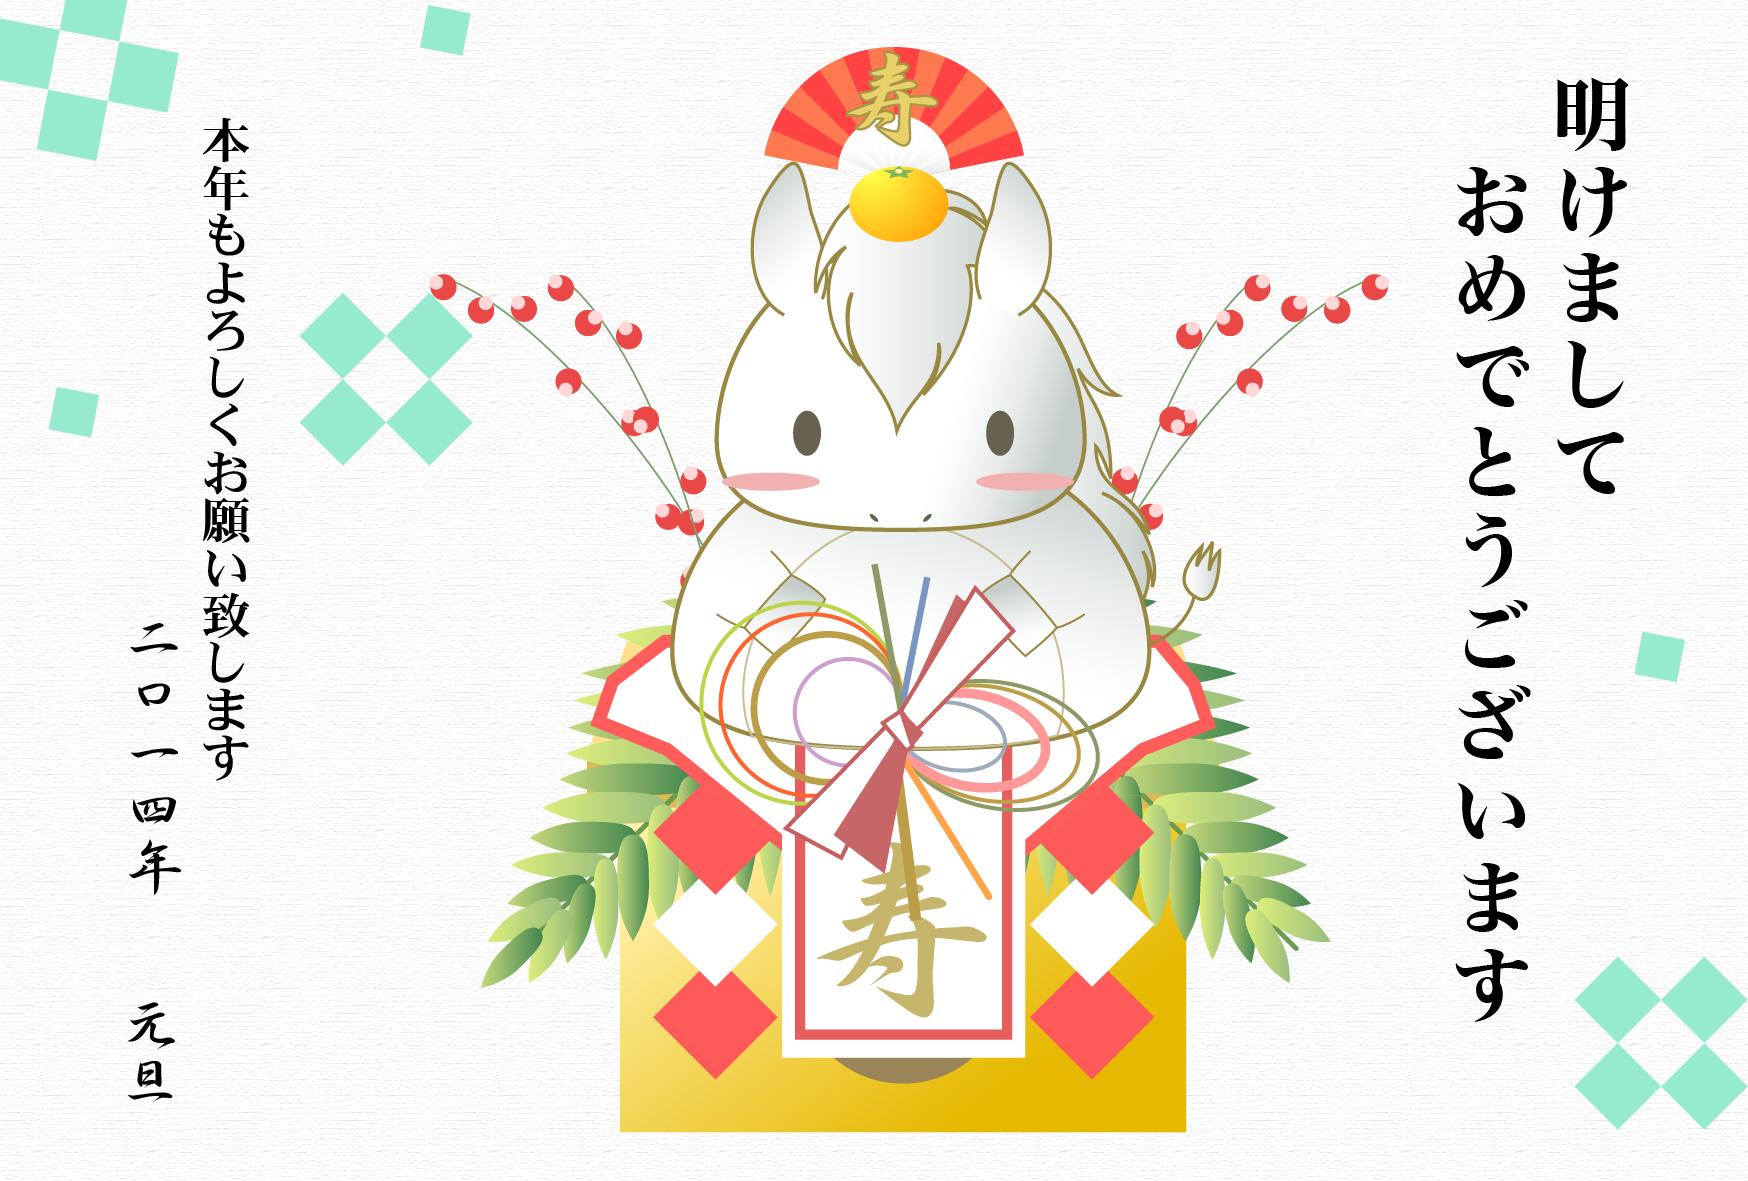 午年年賀状テンプレートフリー ... : 年賀状 フレーム 無料 2015 : 年賀状